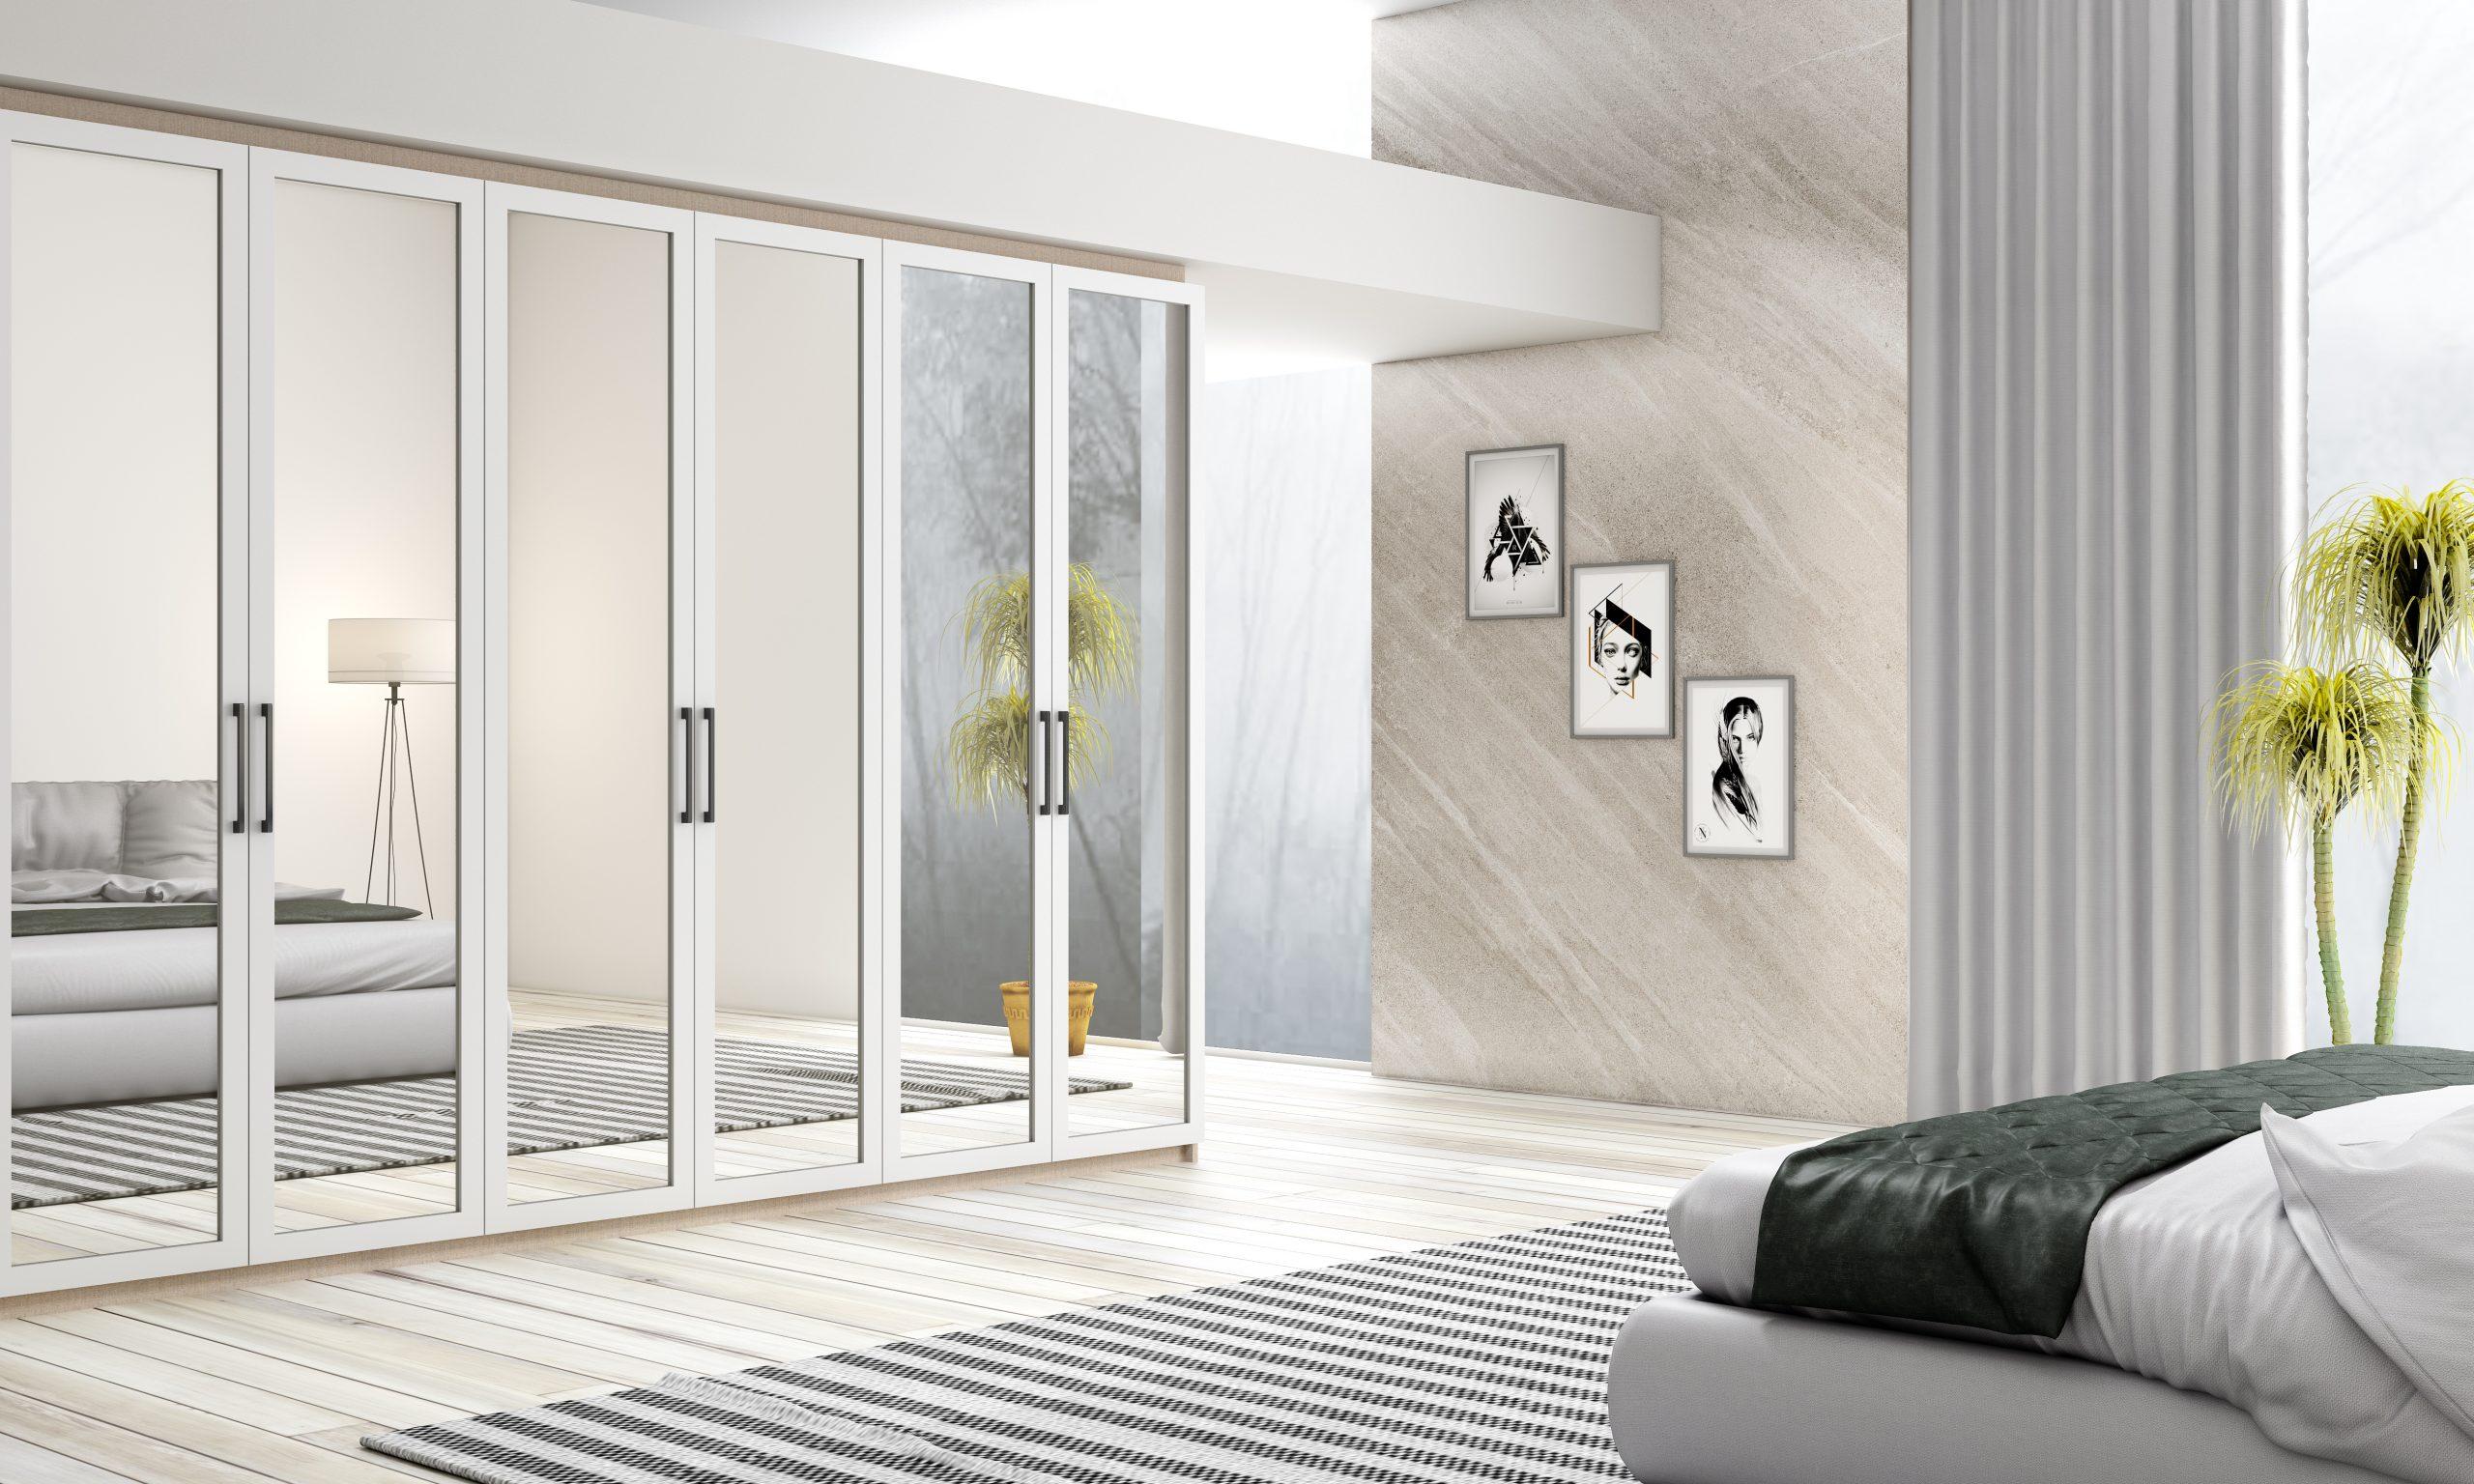 Framed Mirror Wardrobe in White Matt Finish